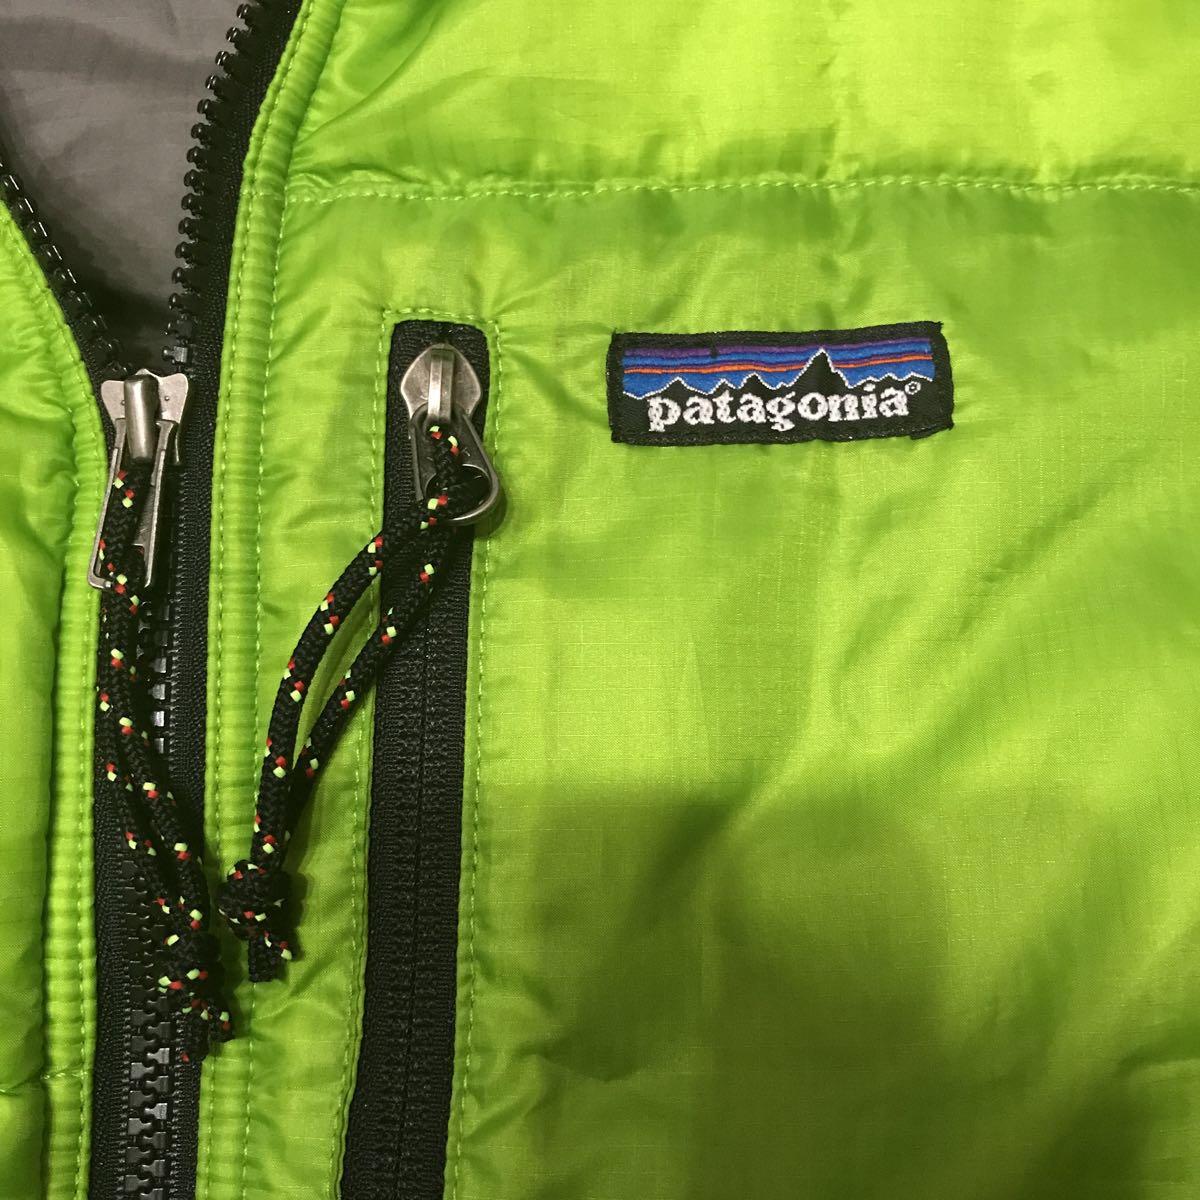 超美品 国内正規品 パタゴニア ダスパーカー ゲッコーグリー S F02 ヴィンテージ_画像4